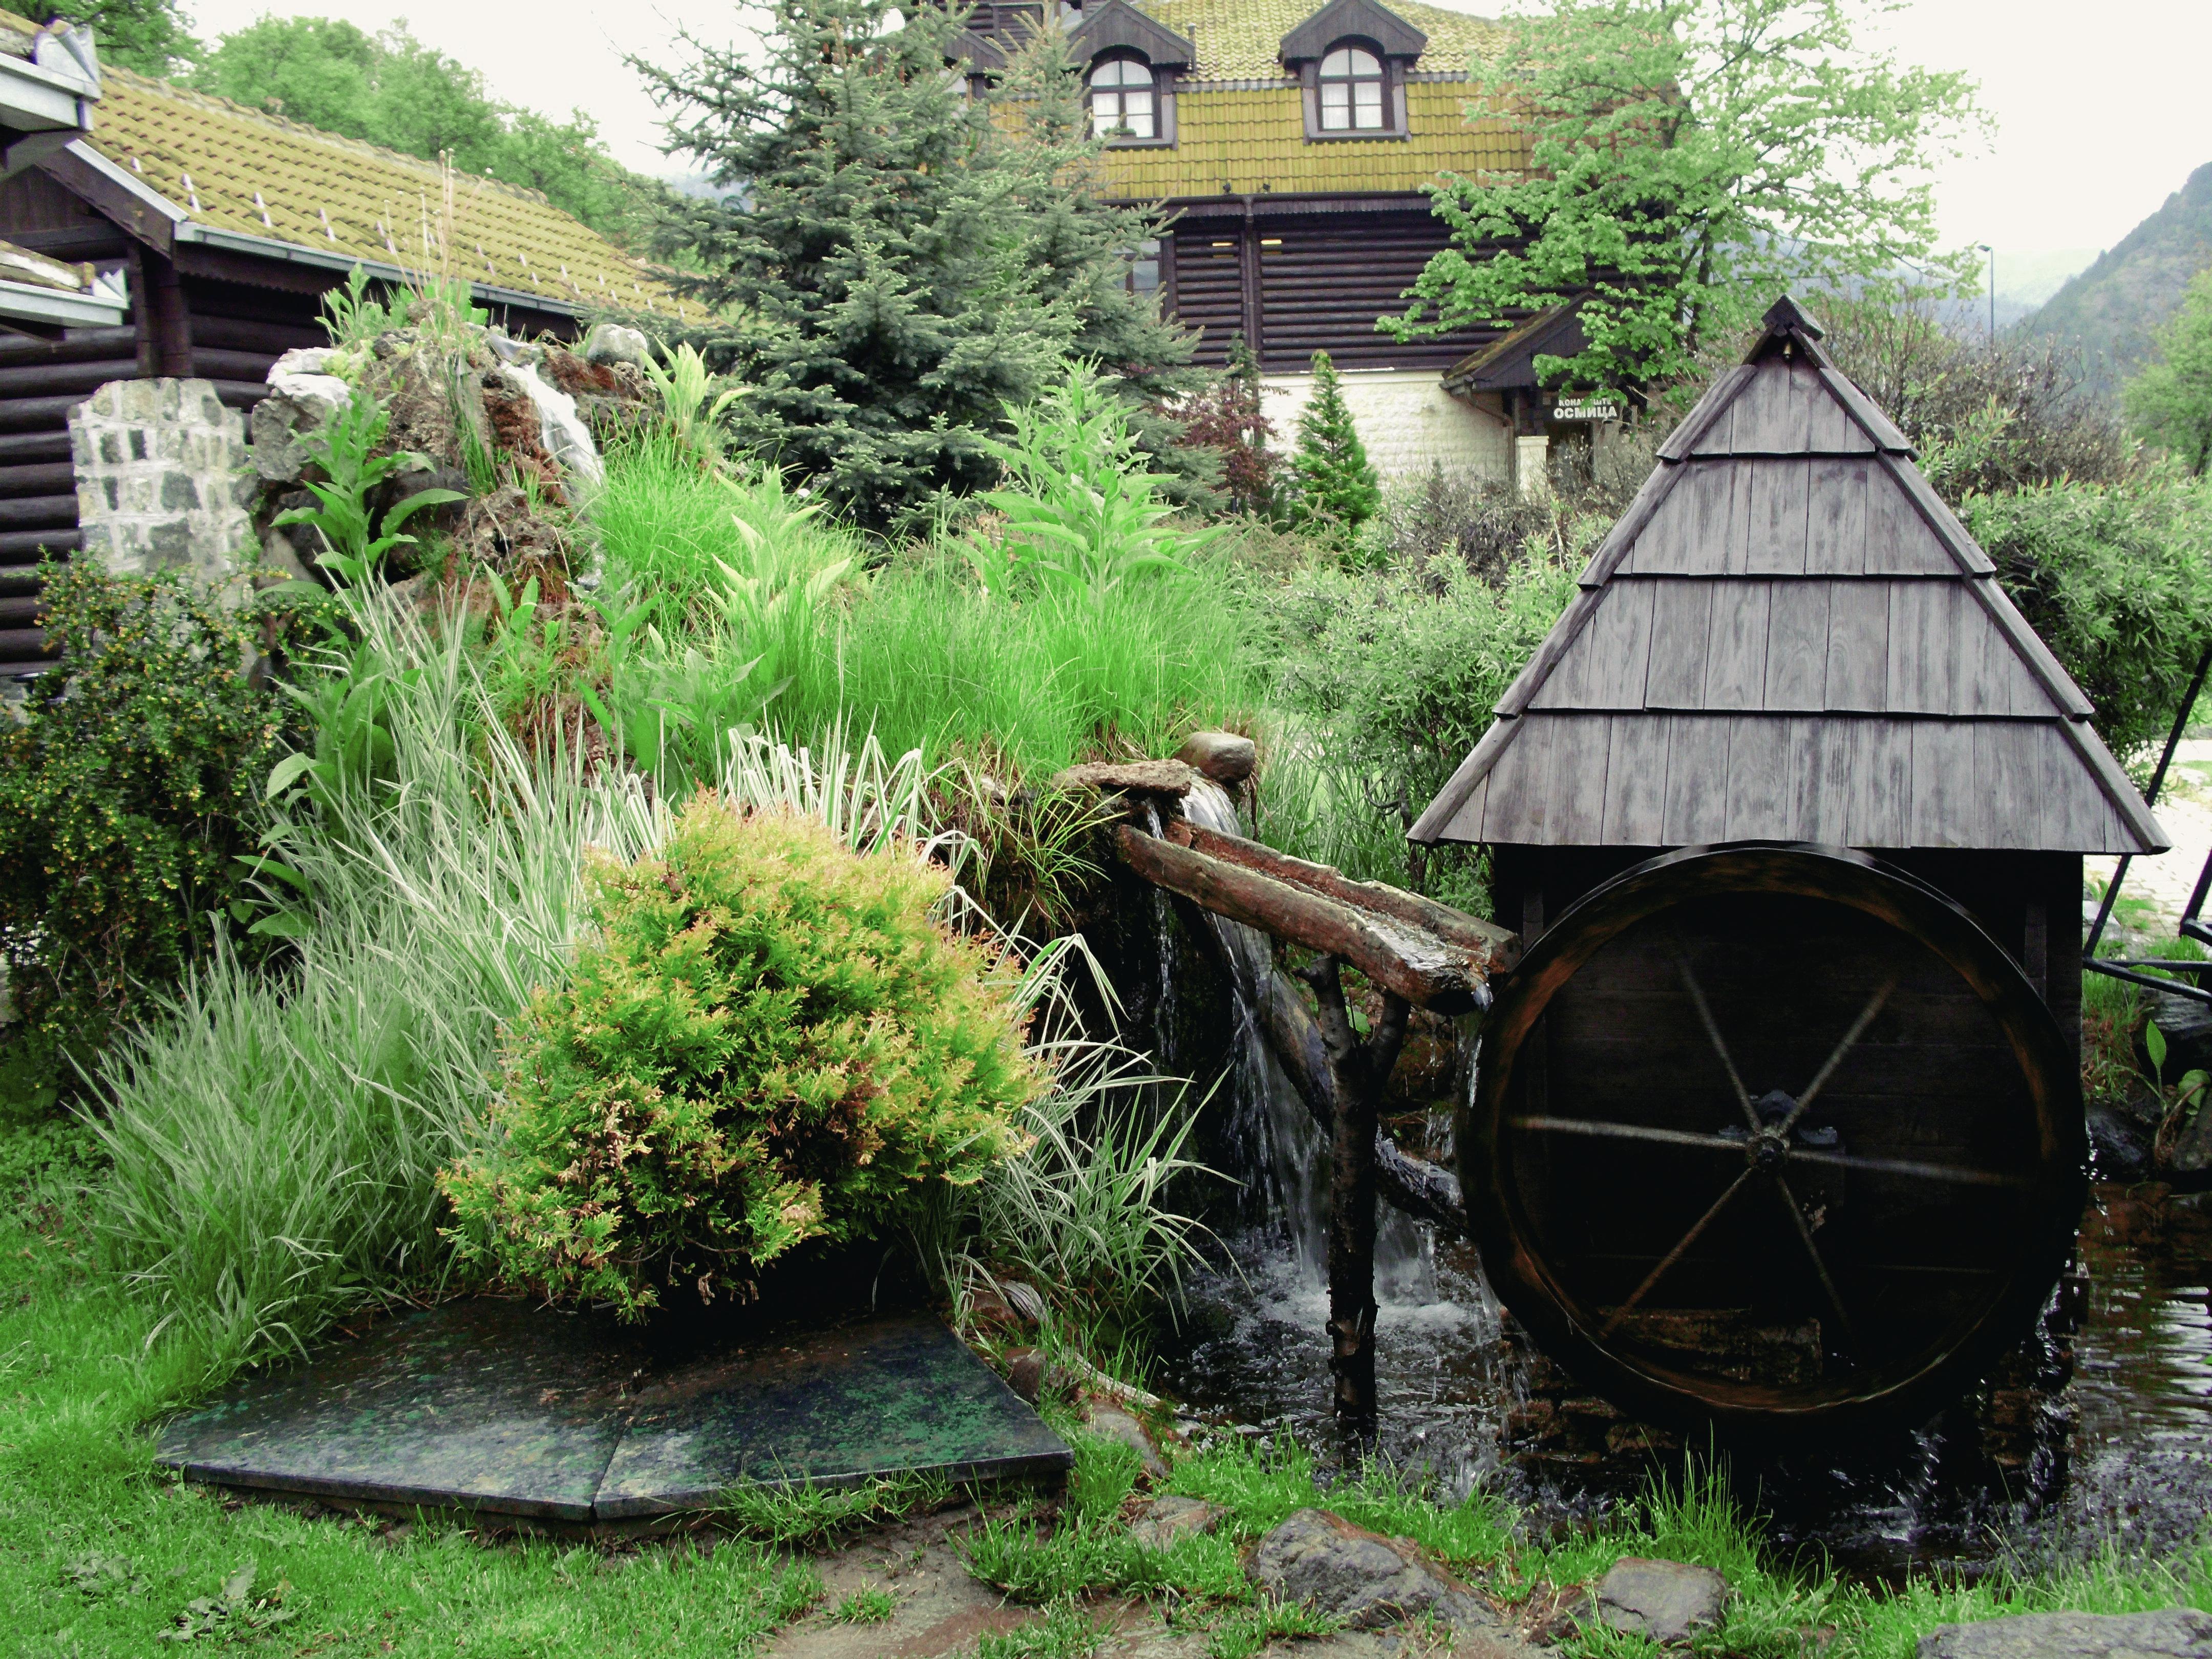 Water mill 4 by MajcheZmajche